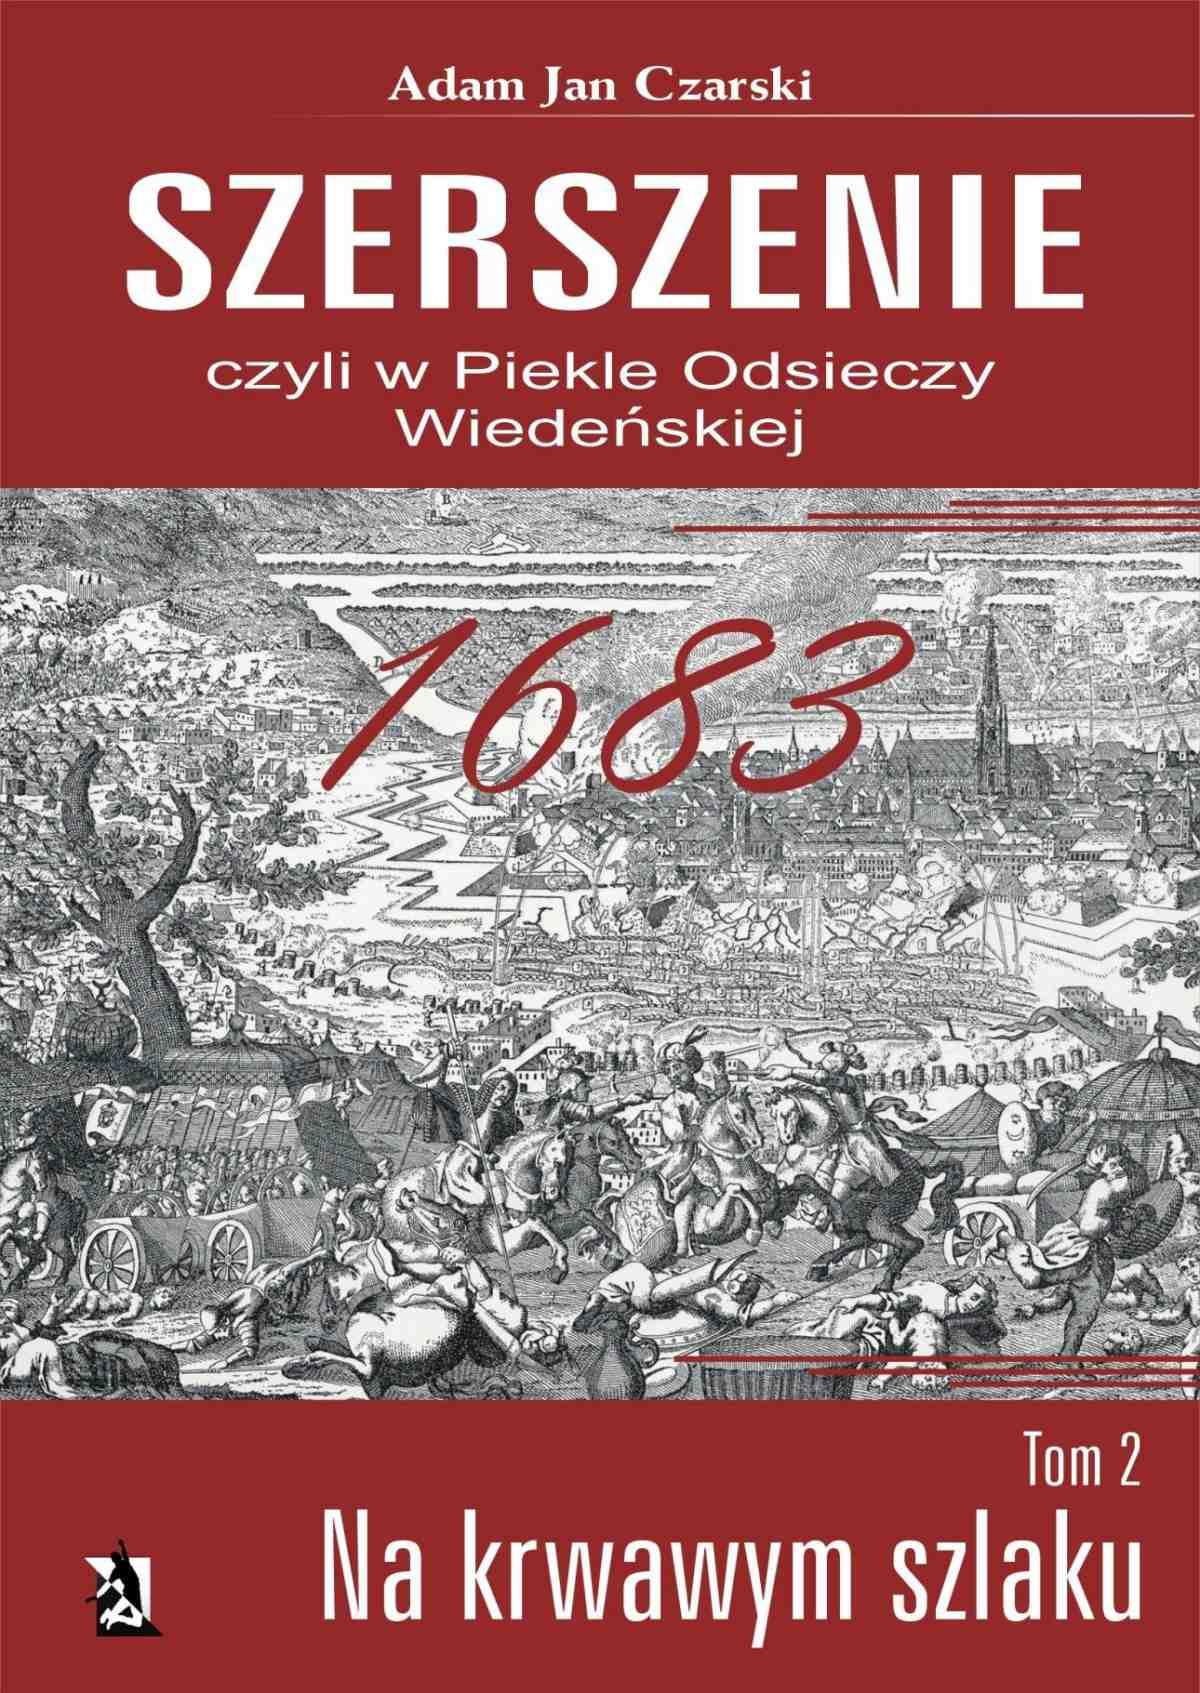 Szerszenie, czyli w piekle Odsieczy Wiedeńskiej. Tom II Na krwawym szlaku - Ebook (Książka EPUB) do pobrania w formacie EPUB